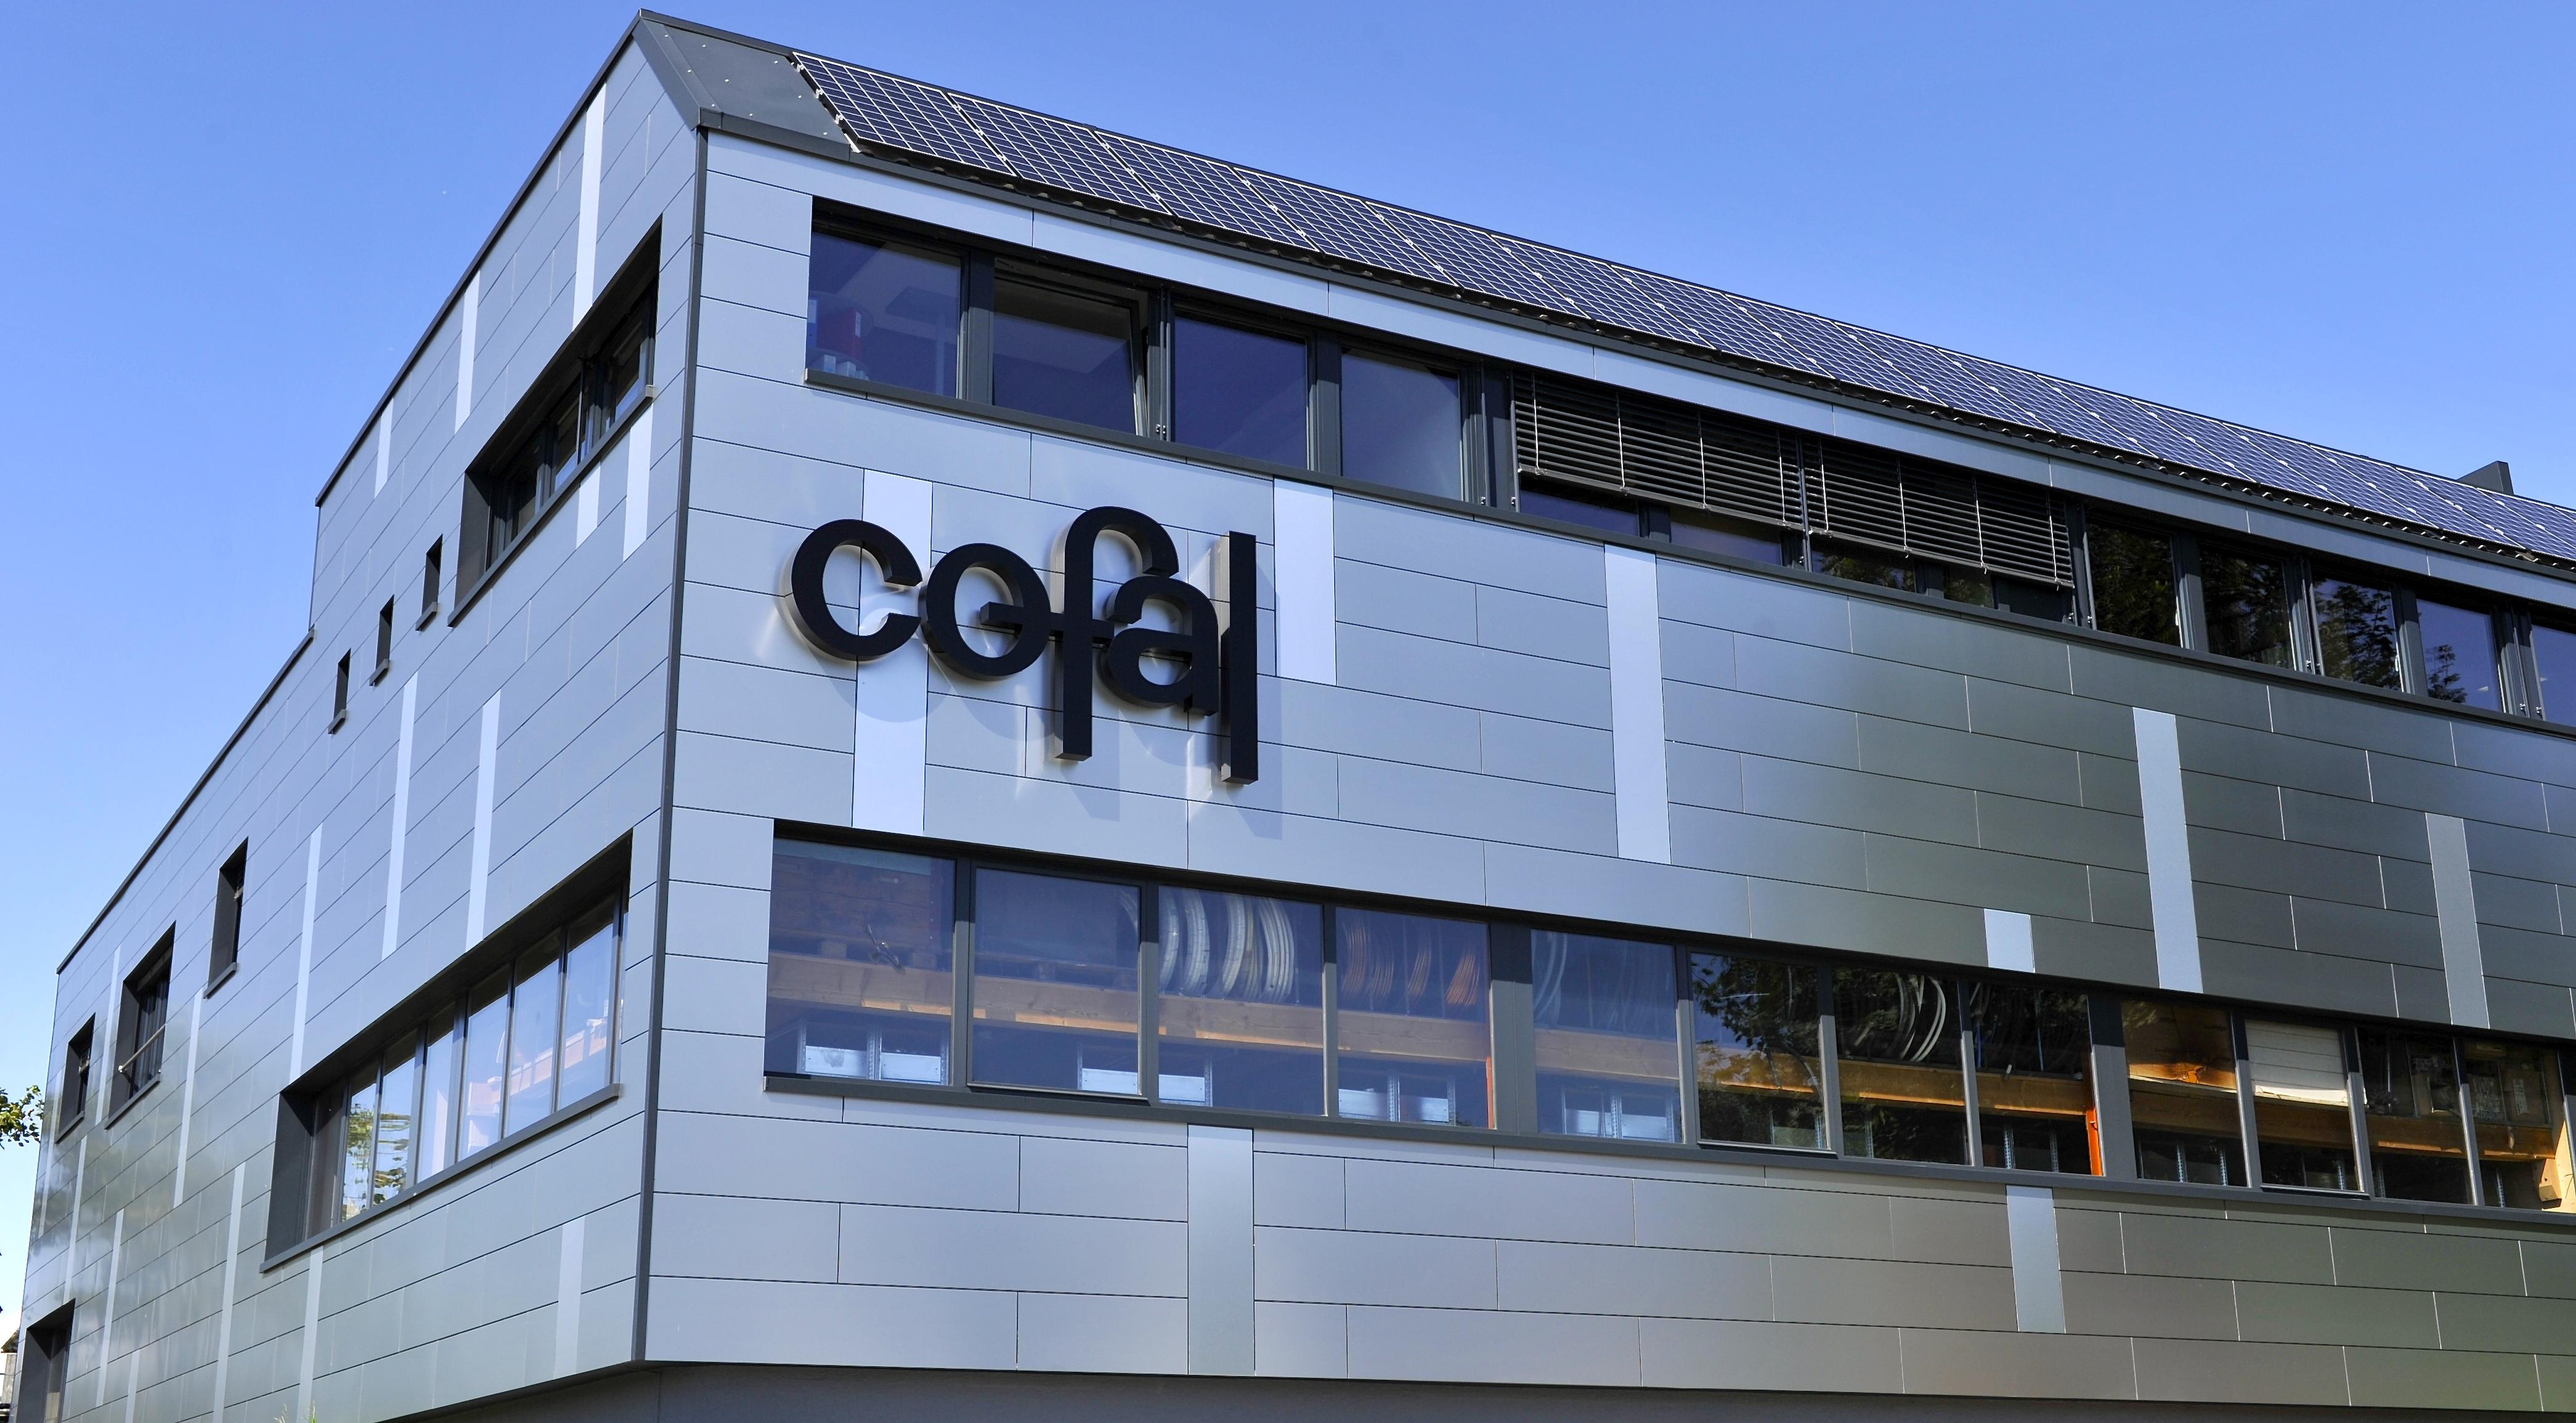 2015 Le Mont sur Lausanne Halle et Bureaux Cofal